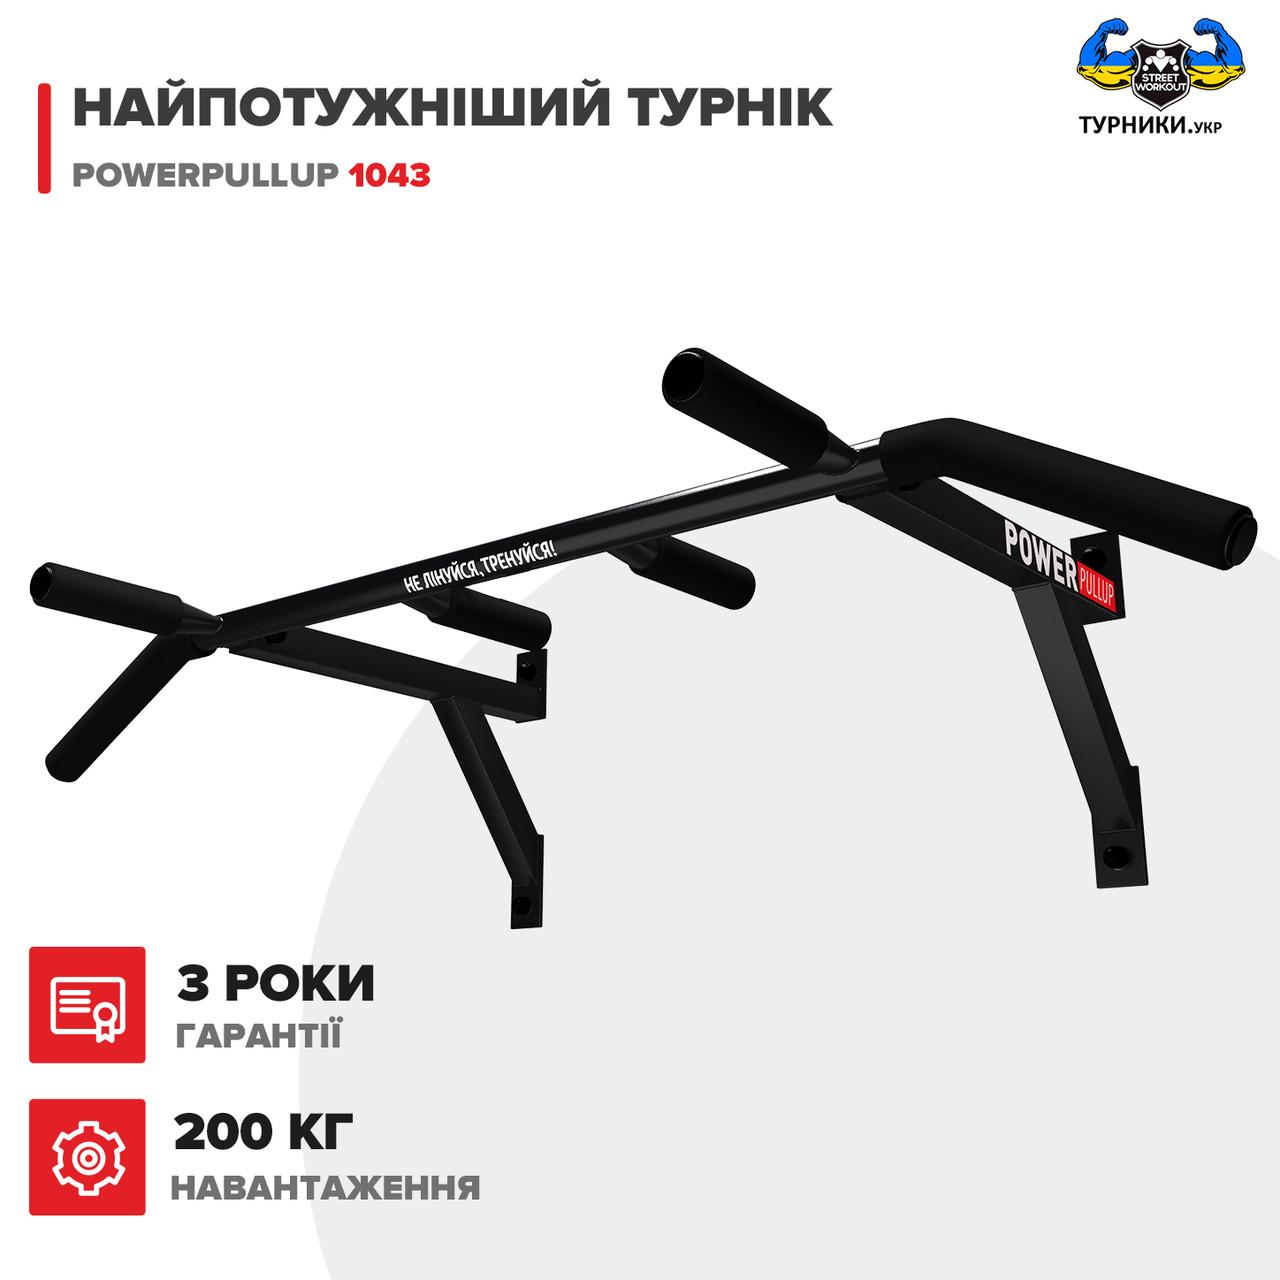 Турник настенный PowerPullup 1043 - 4 ХВАТА!